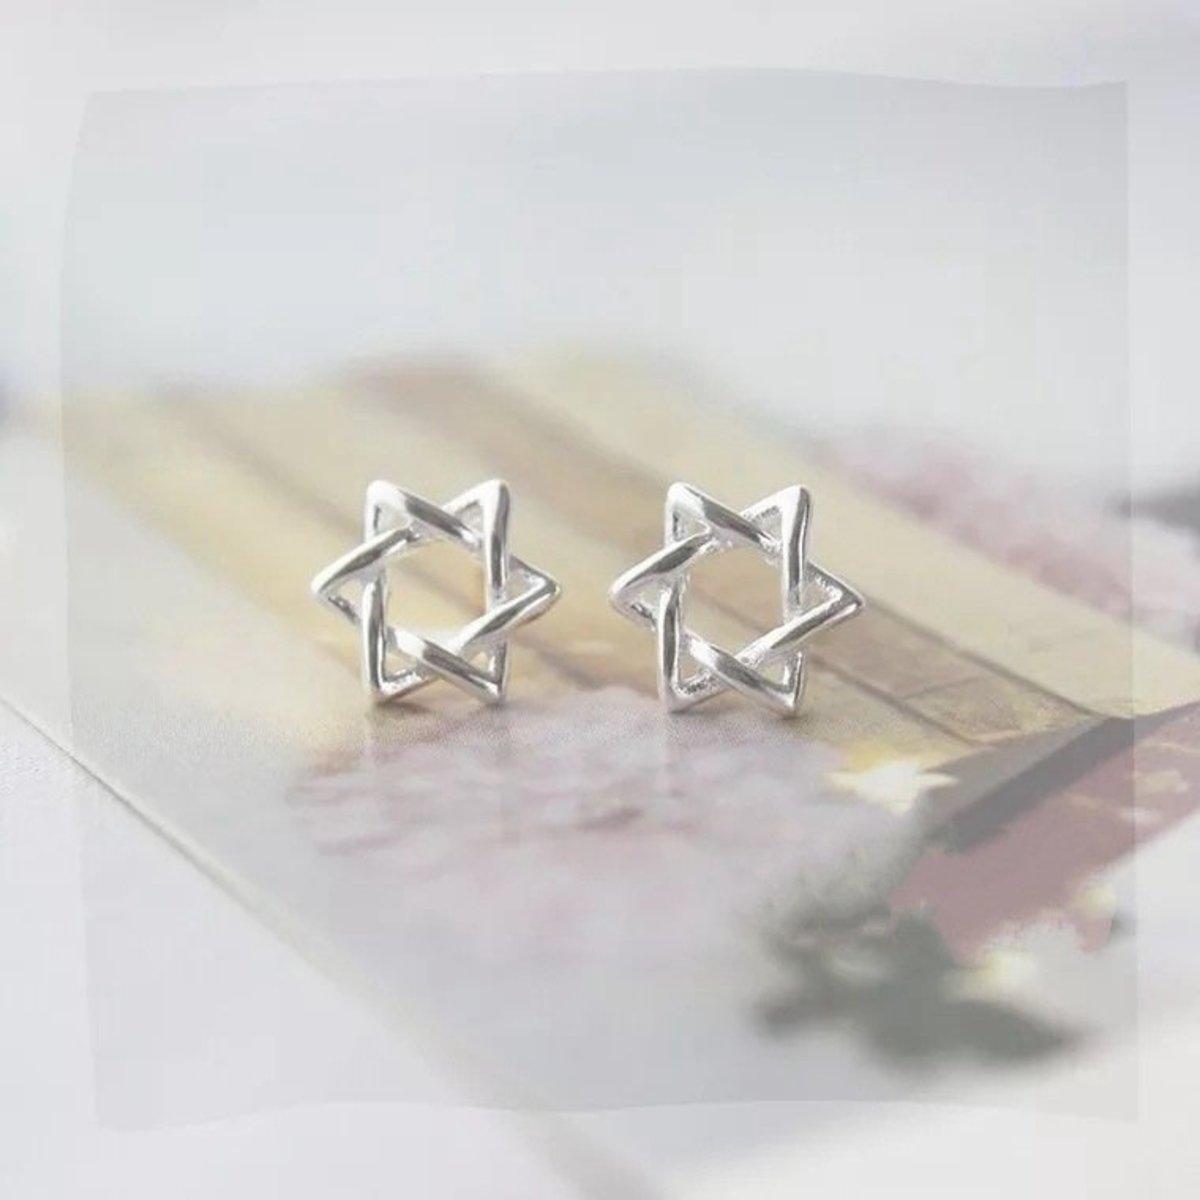 S925純銀日韓簡約防過敏耳釘耳環(六芒星)